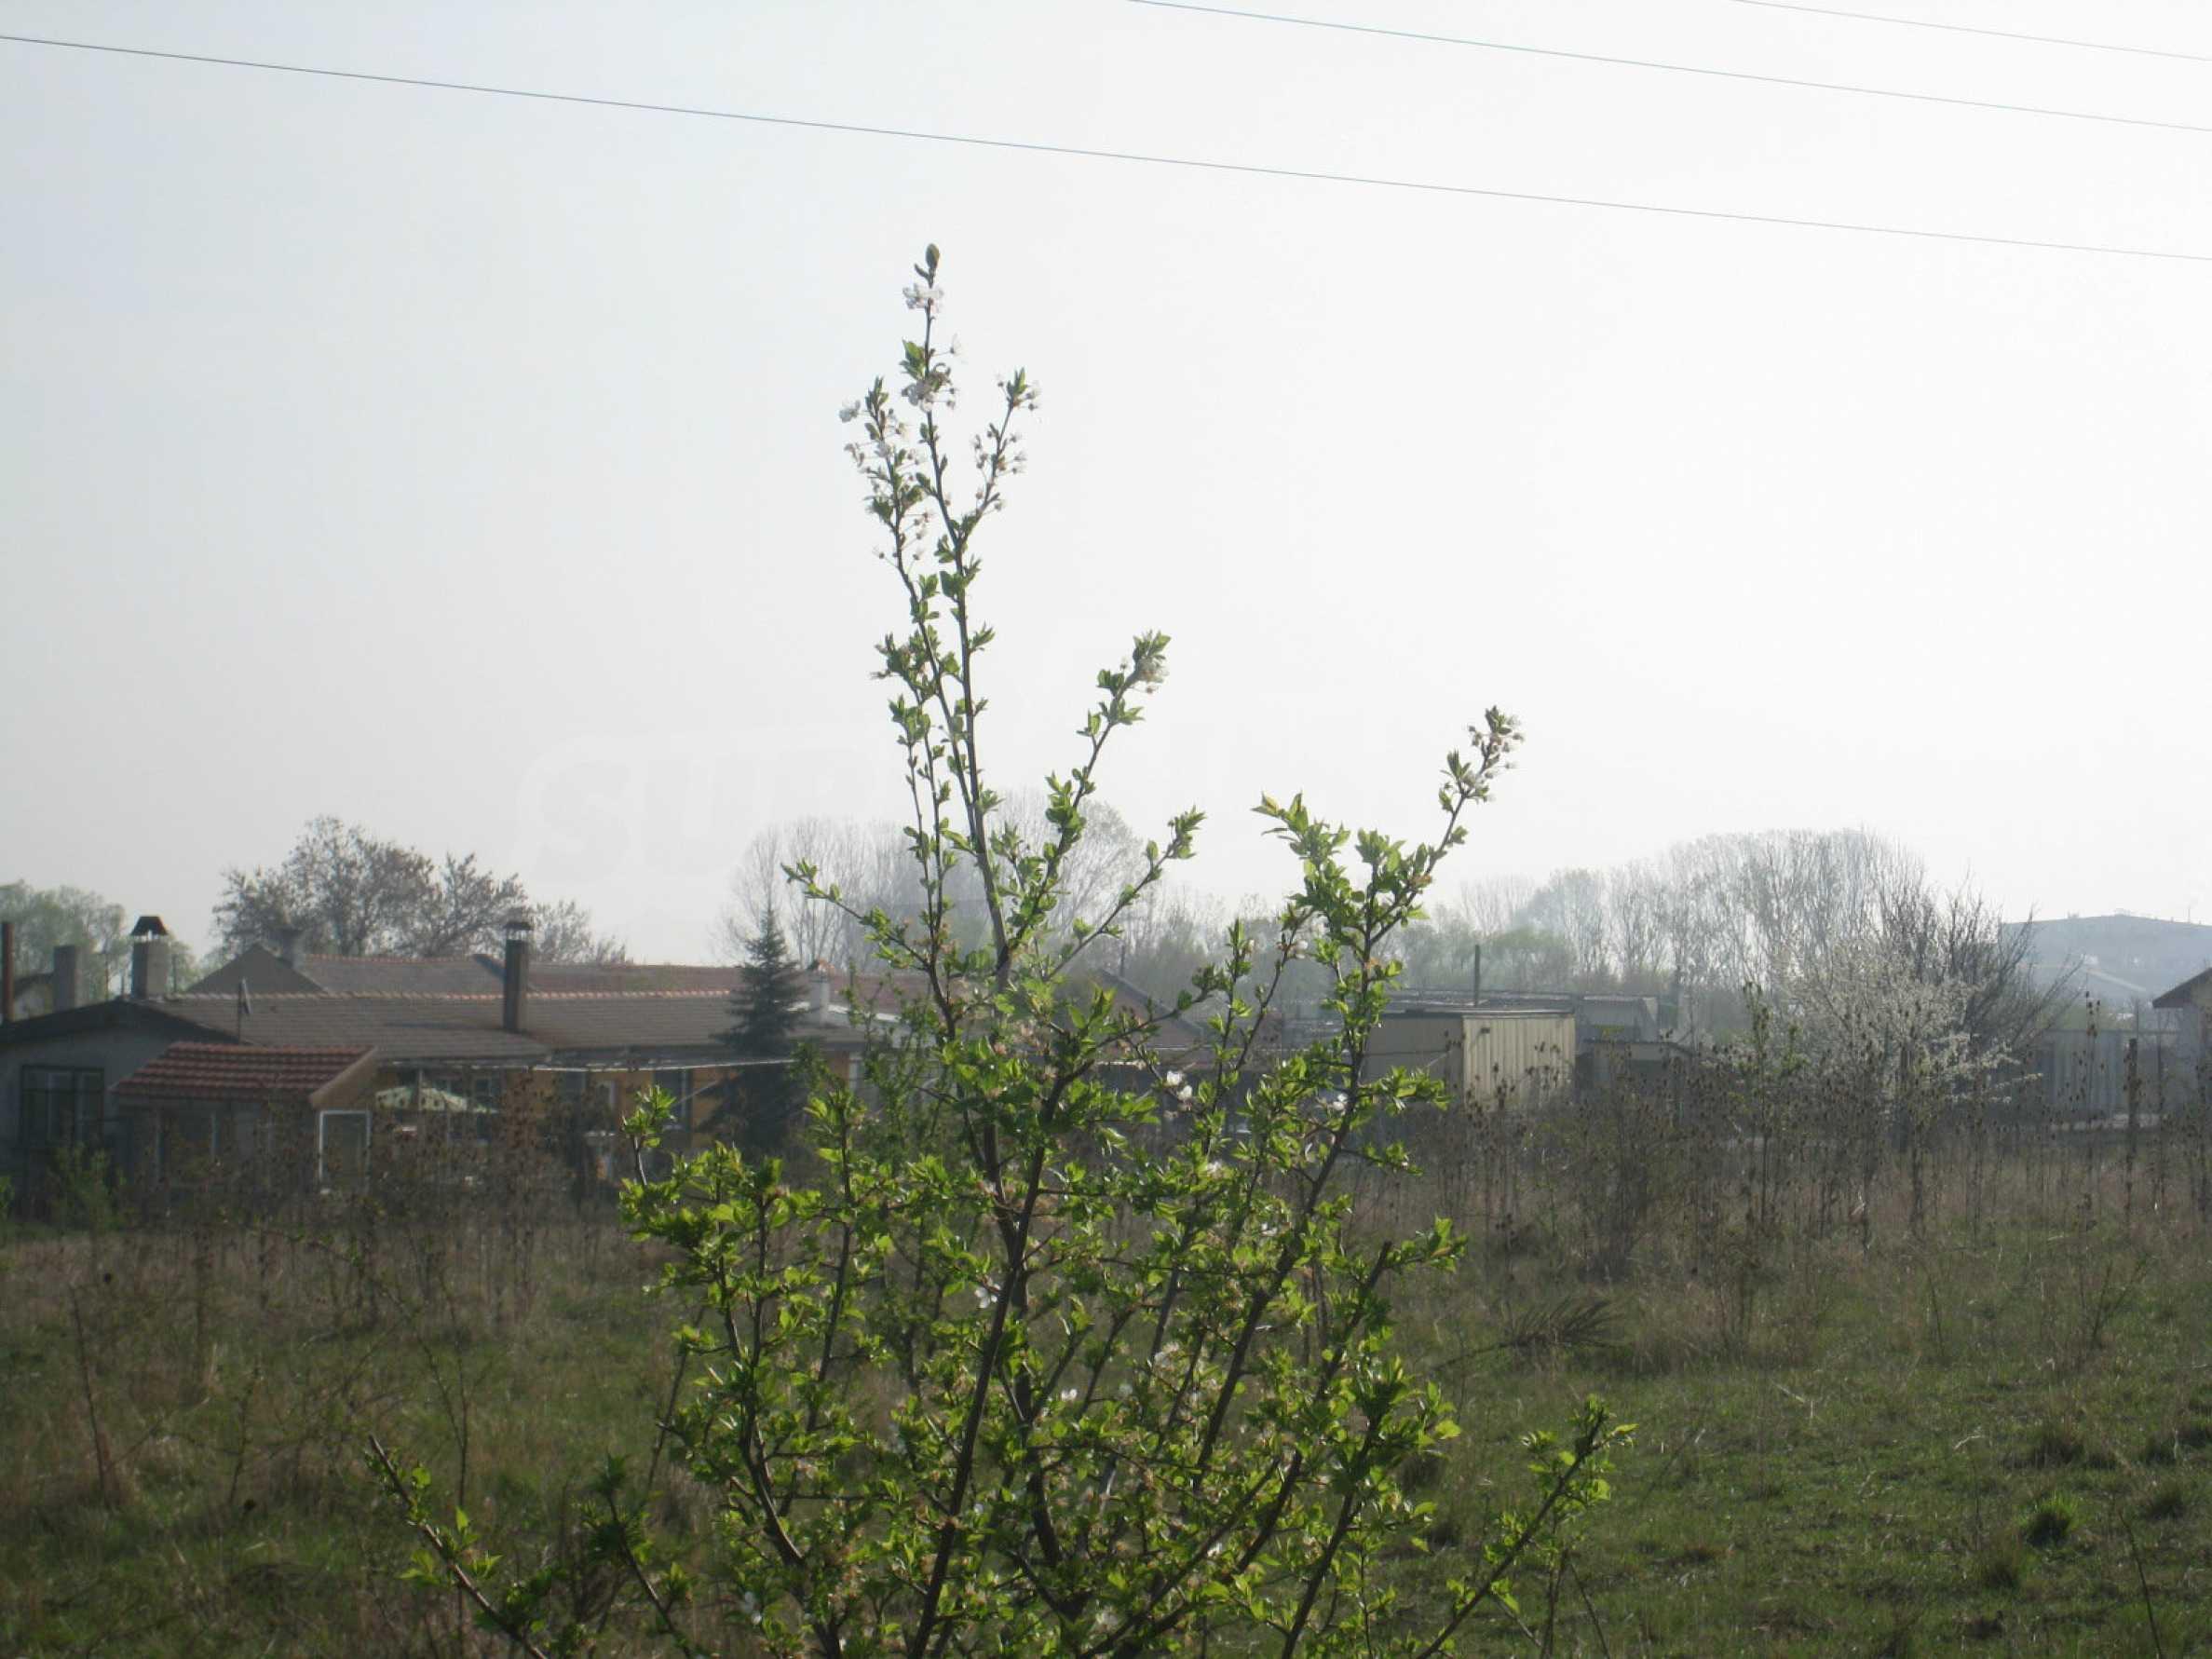 Investitionsgrundstück 2 km von der Sofia-Ringstraße entfernt 17